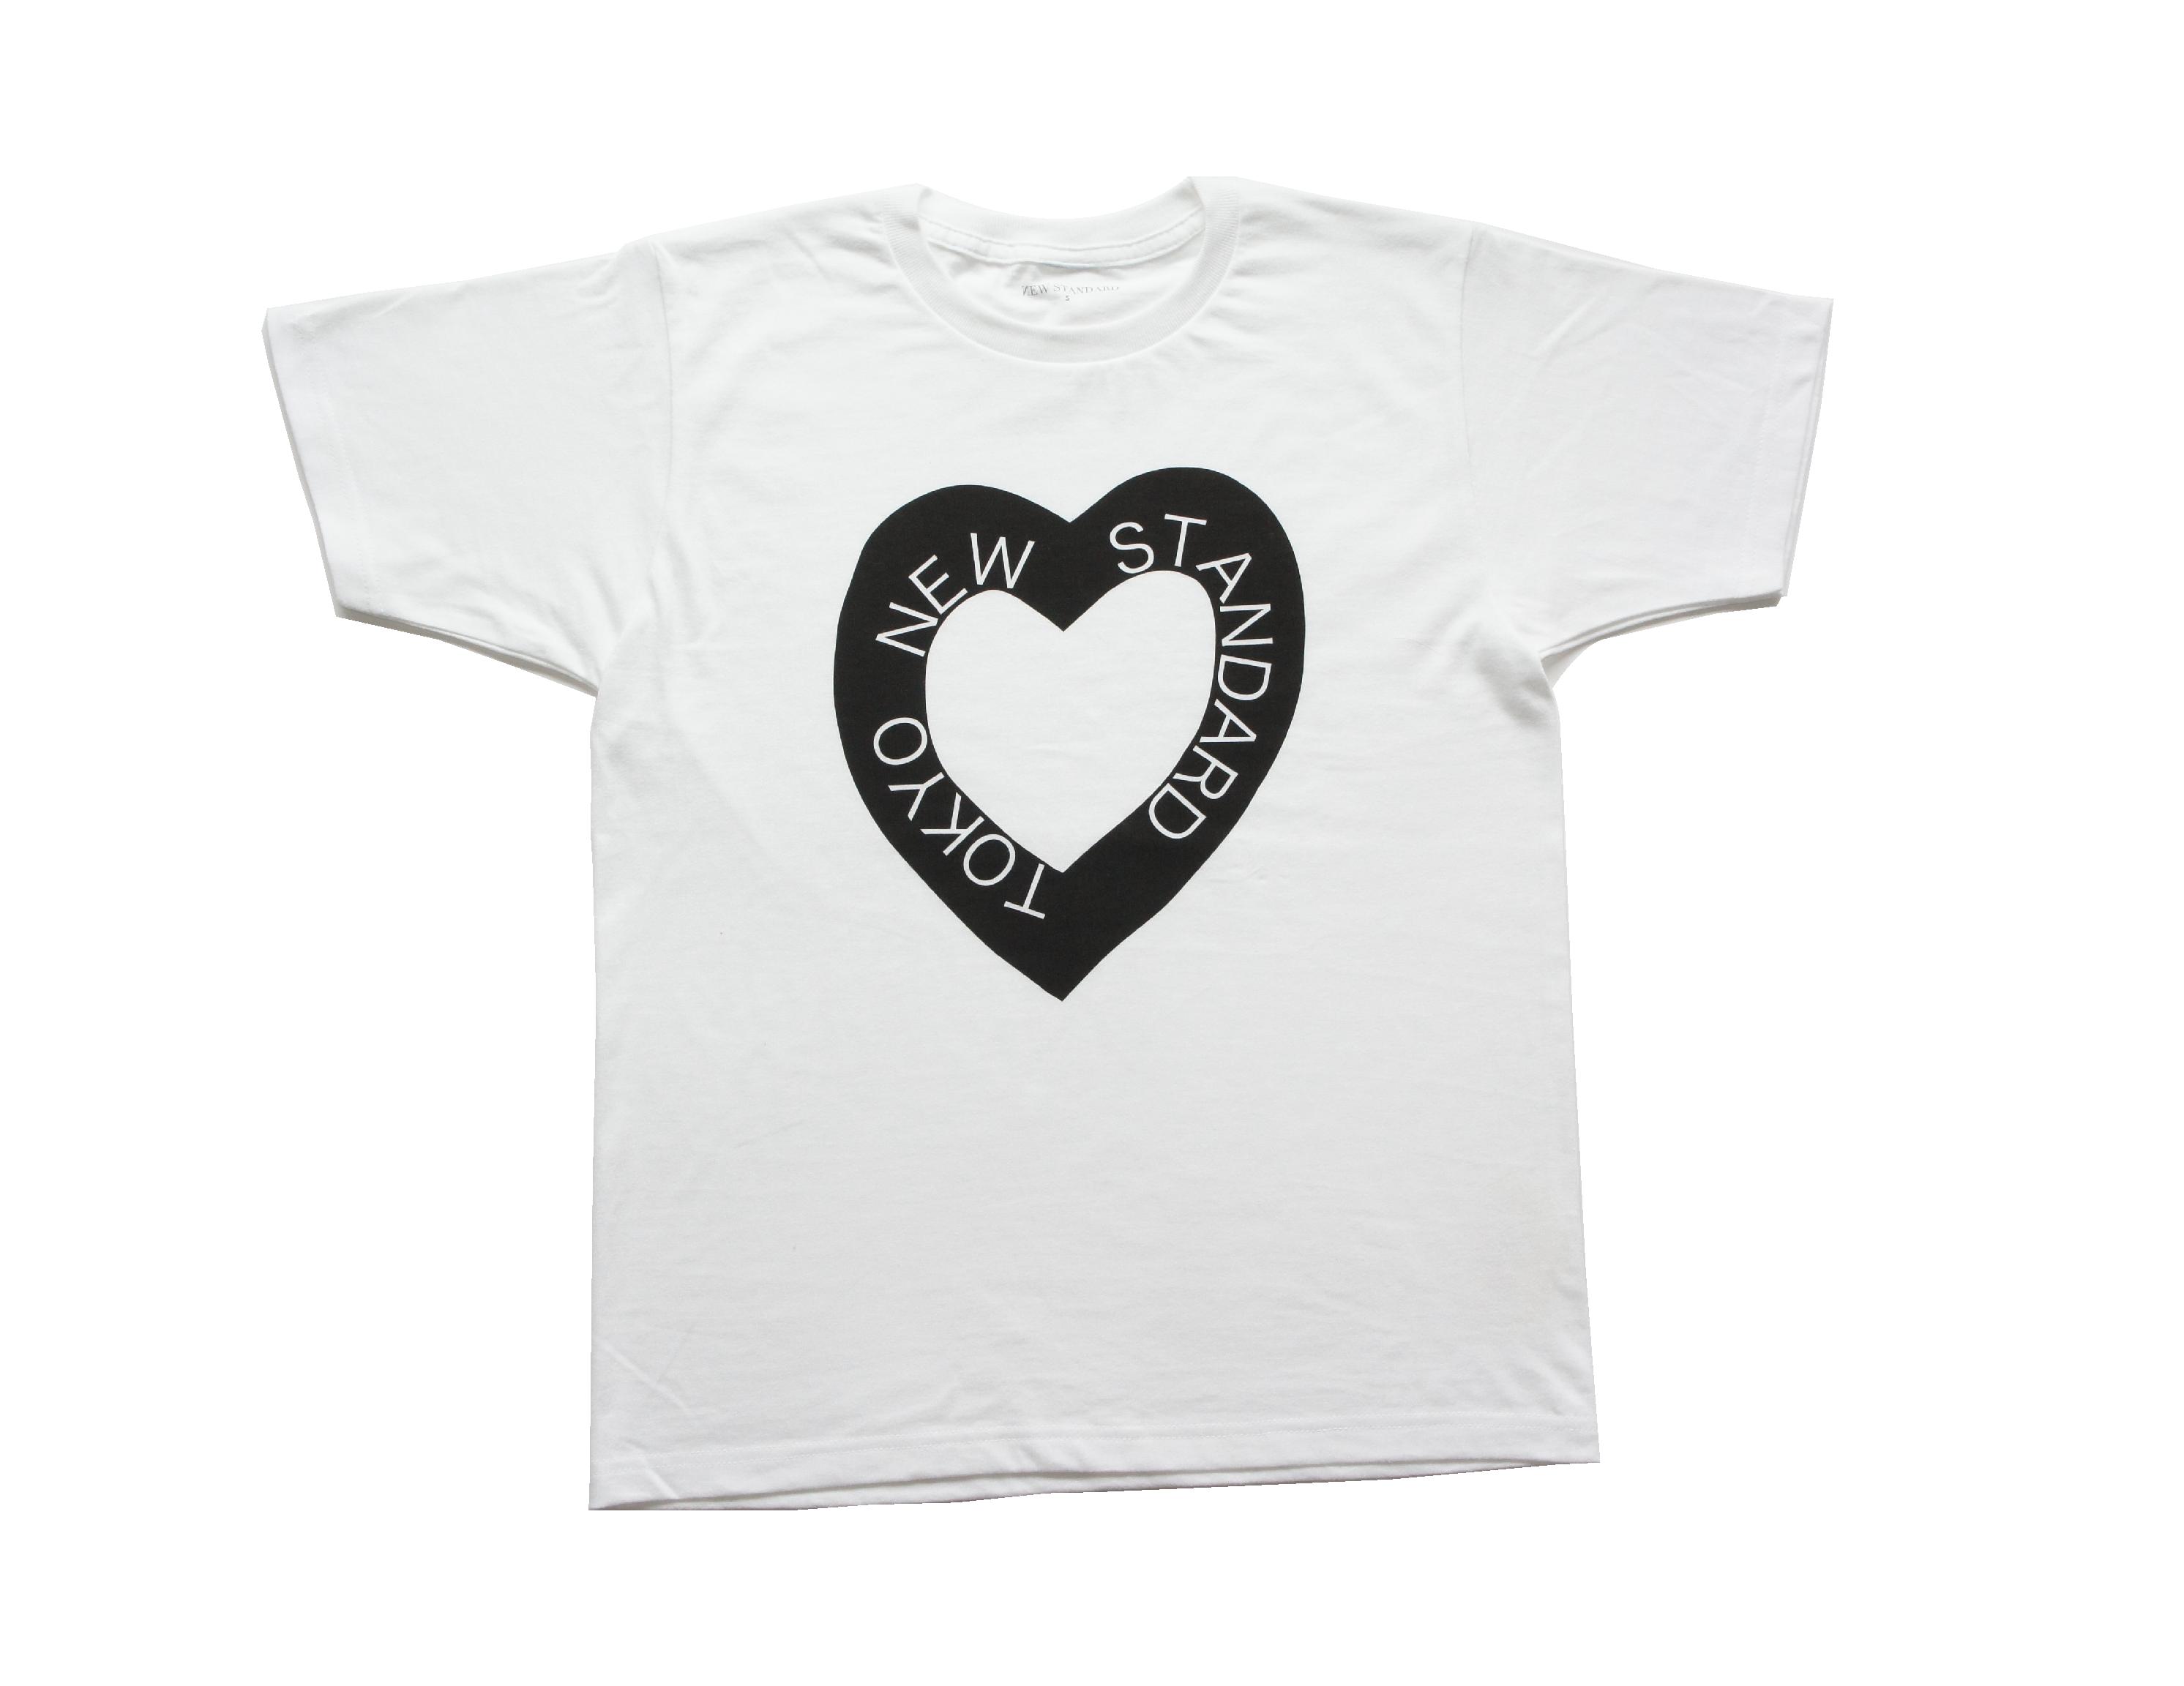 S/S ハートロゴTシャツ(ブラック)